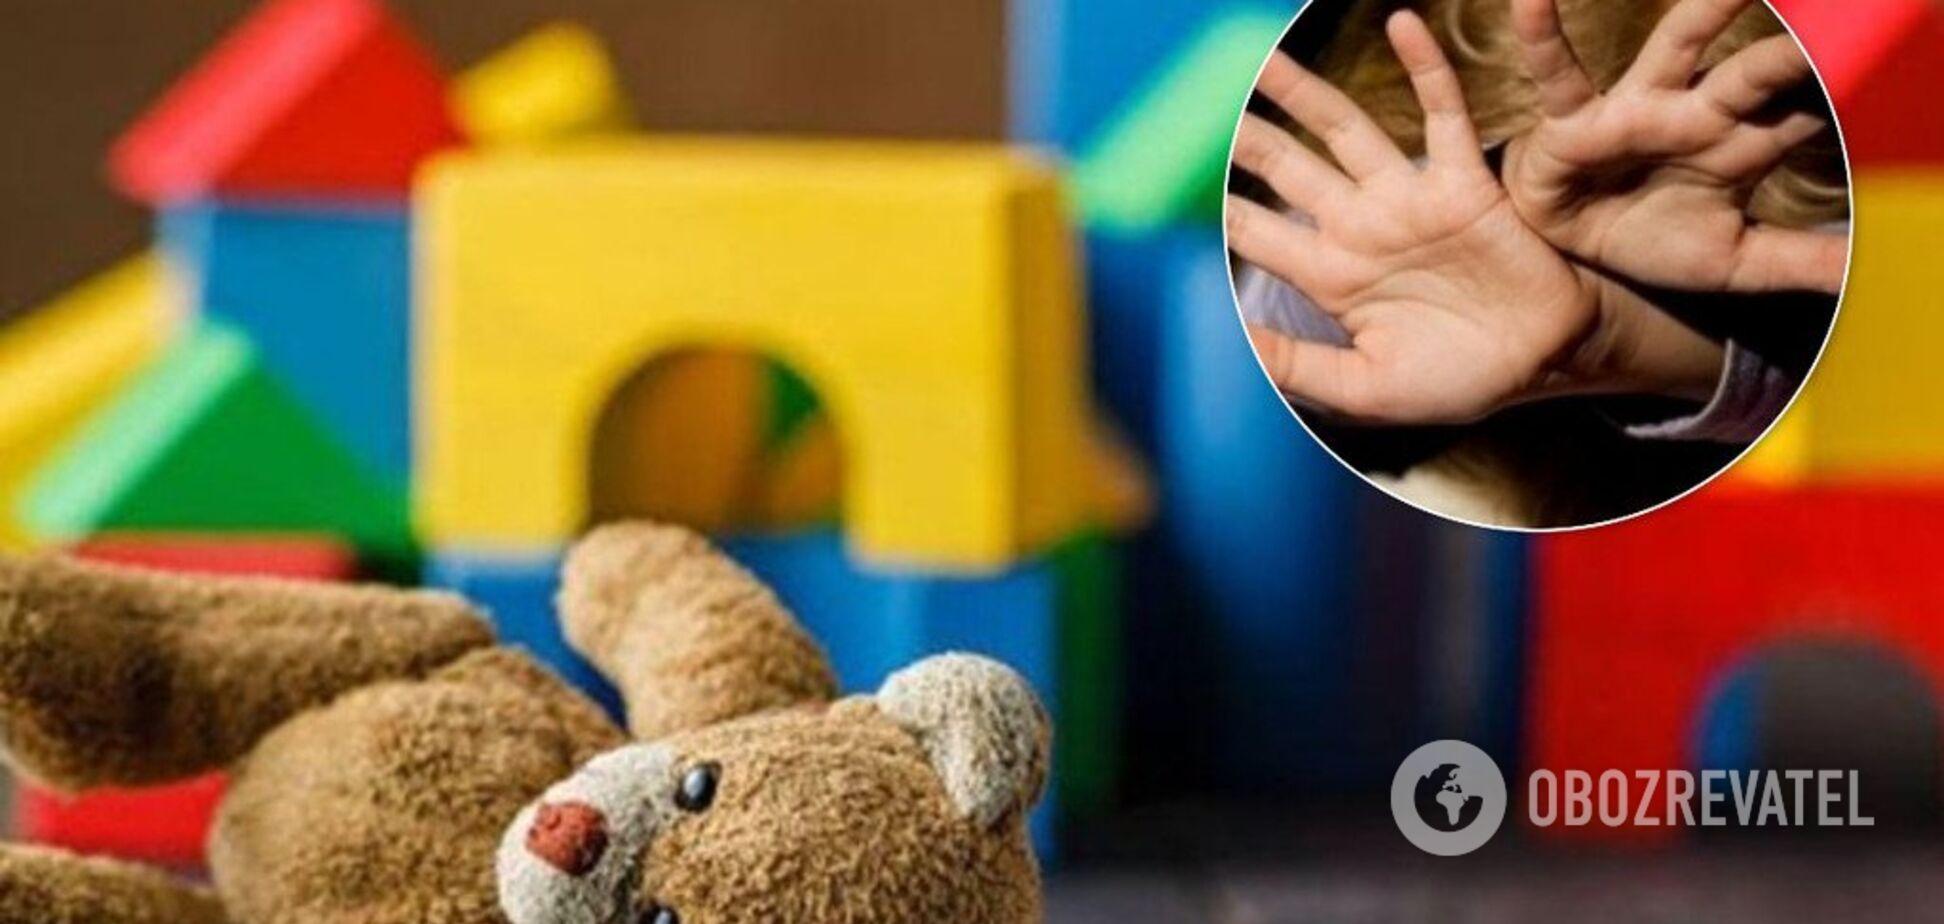 'Д*біл!' У Росії вихователька дитсадка побила дитину